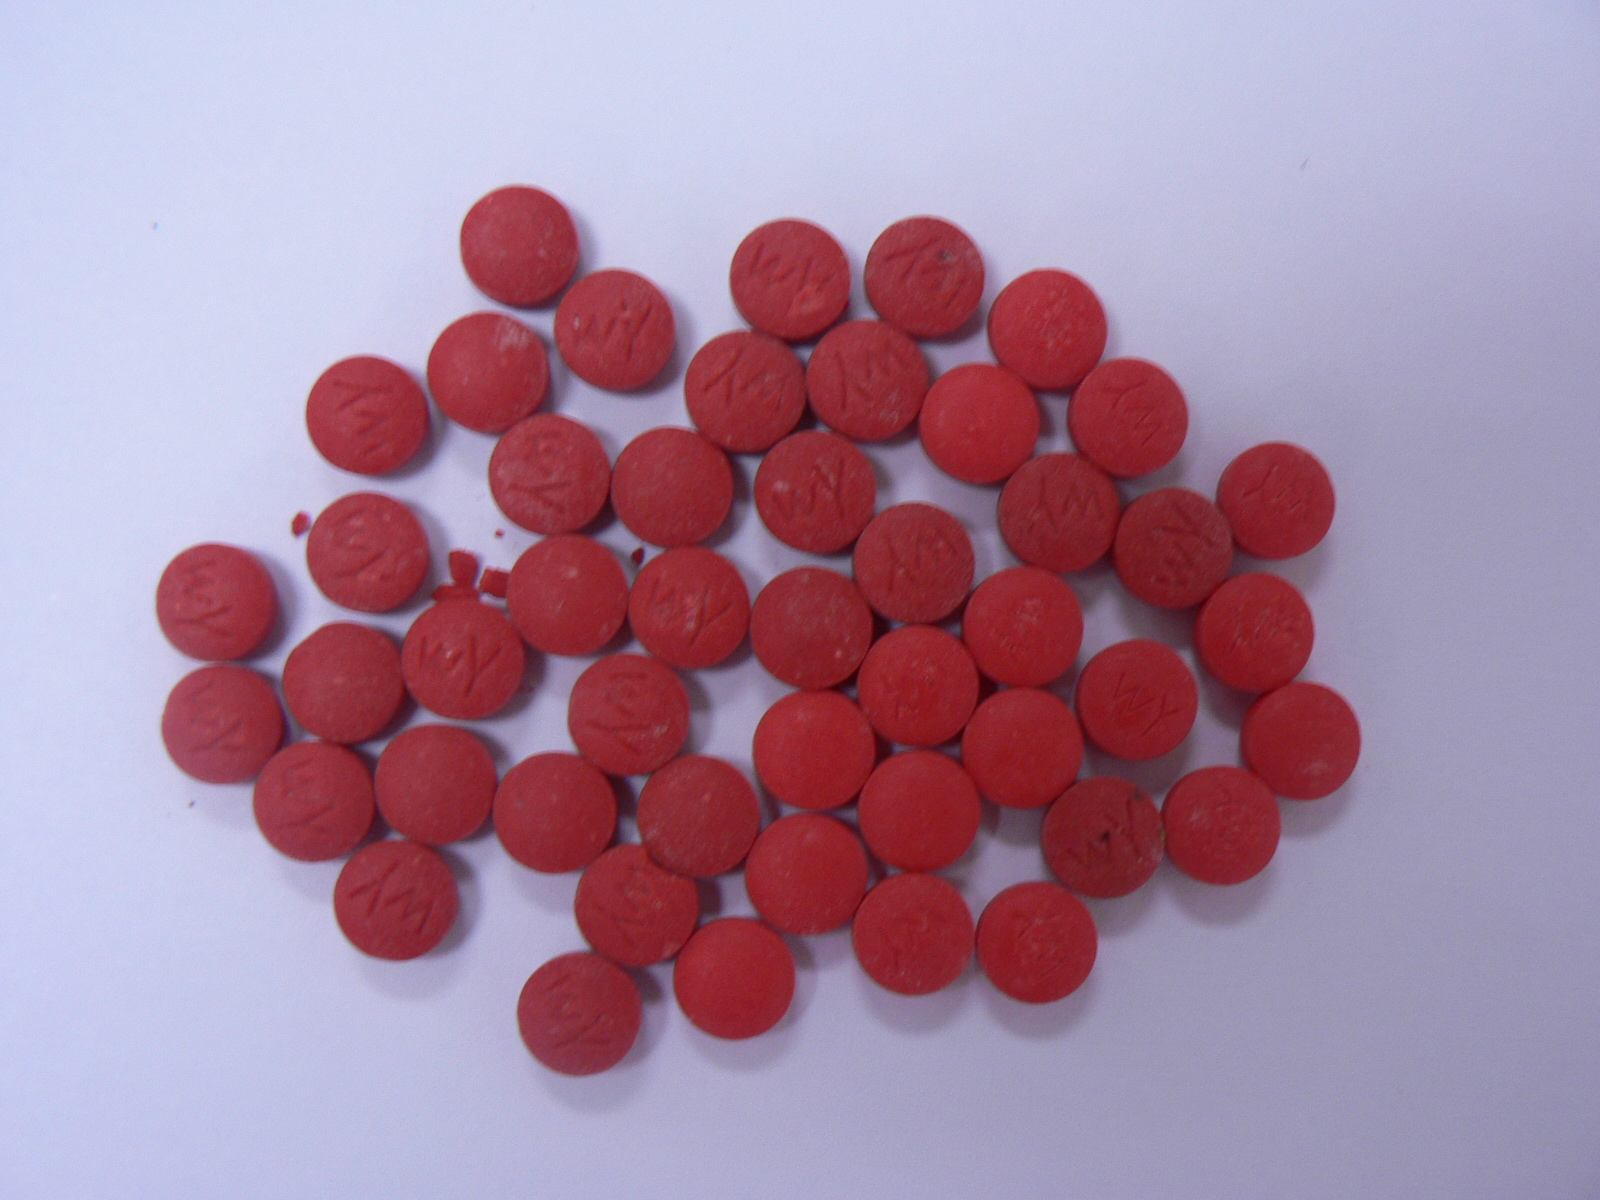 最厉害十大毒品排名:有一种是癌症病人的救命药